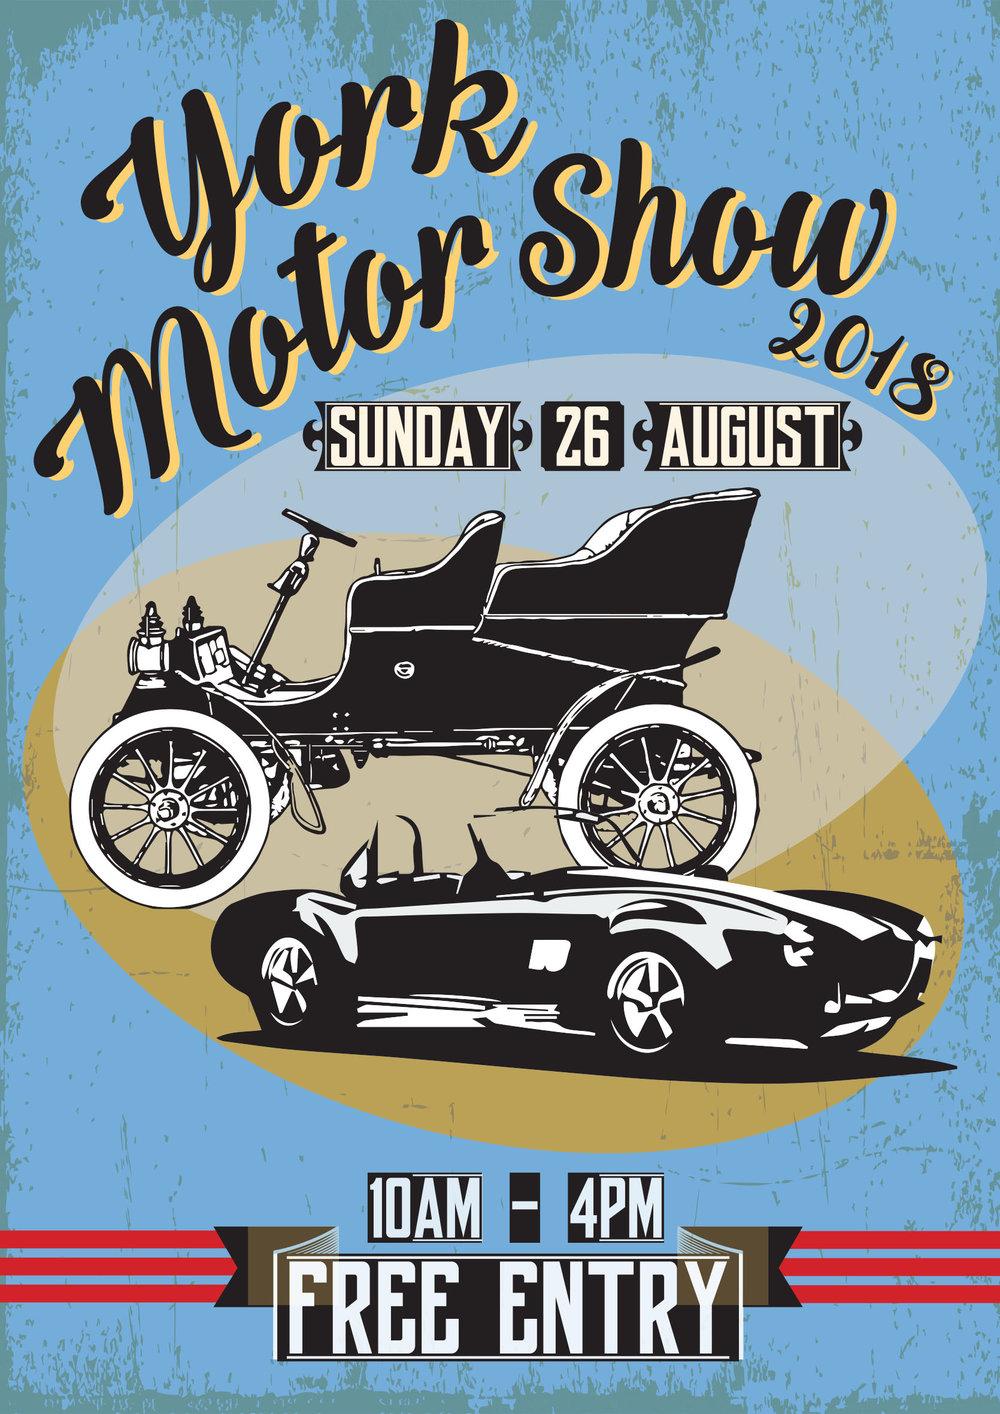 York_Motor_Show_poster.jpg